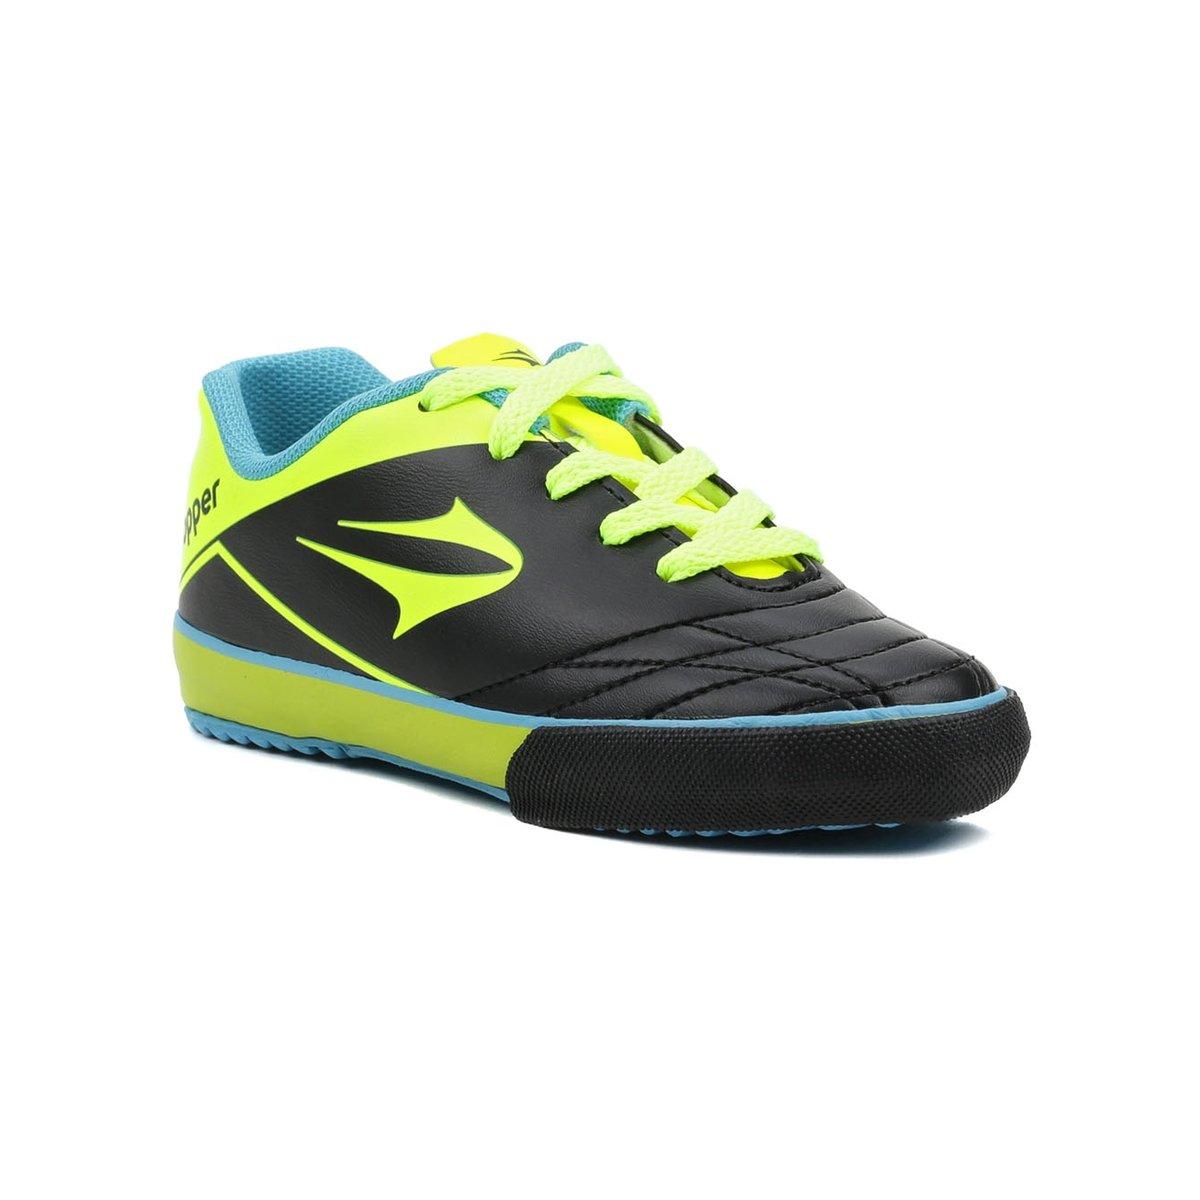 Tênis Futsal Infantil Para Menino Topper Frontier Vii Jr Preto verde -  Compre Agora  5e33f56b297c9